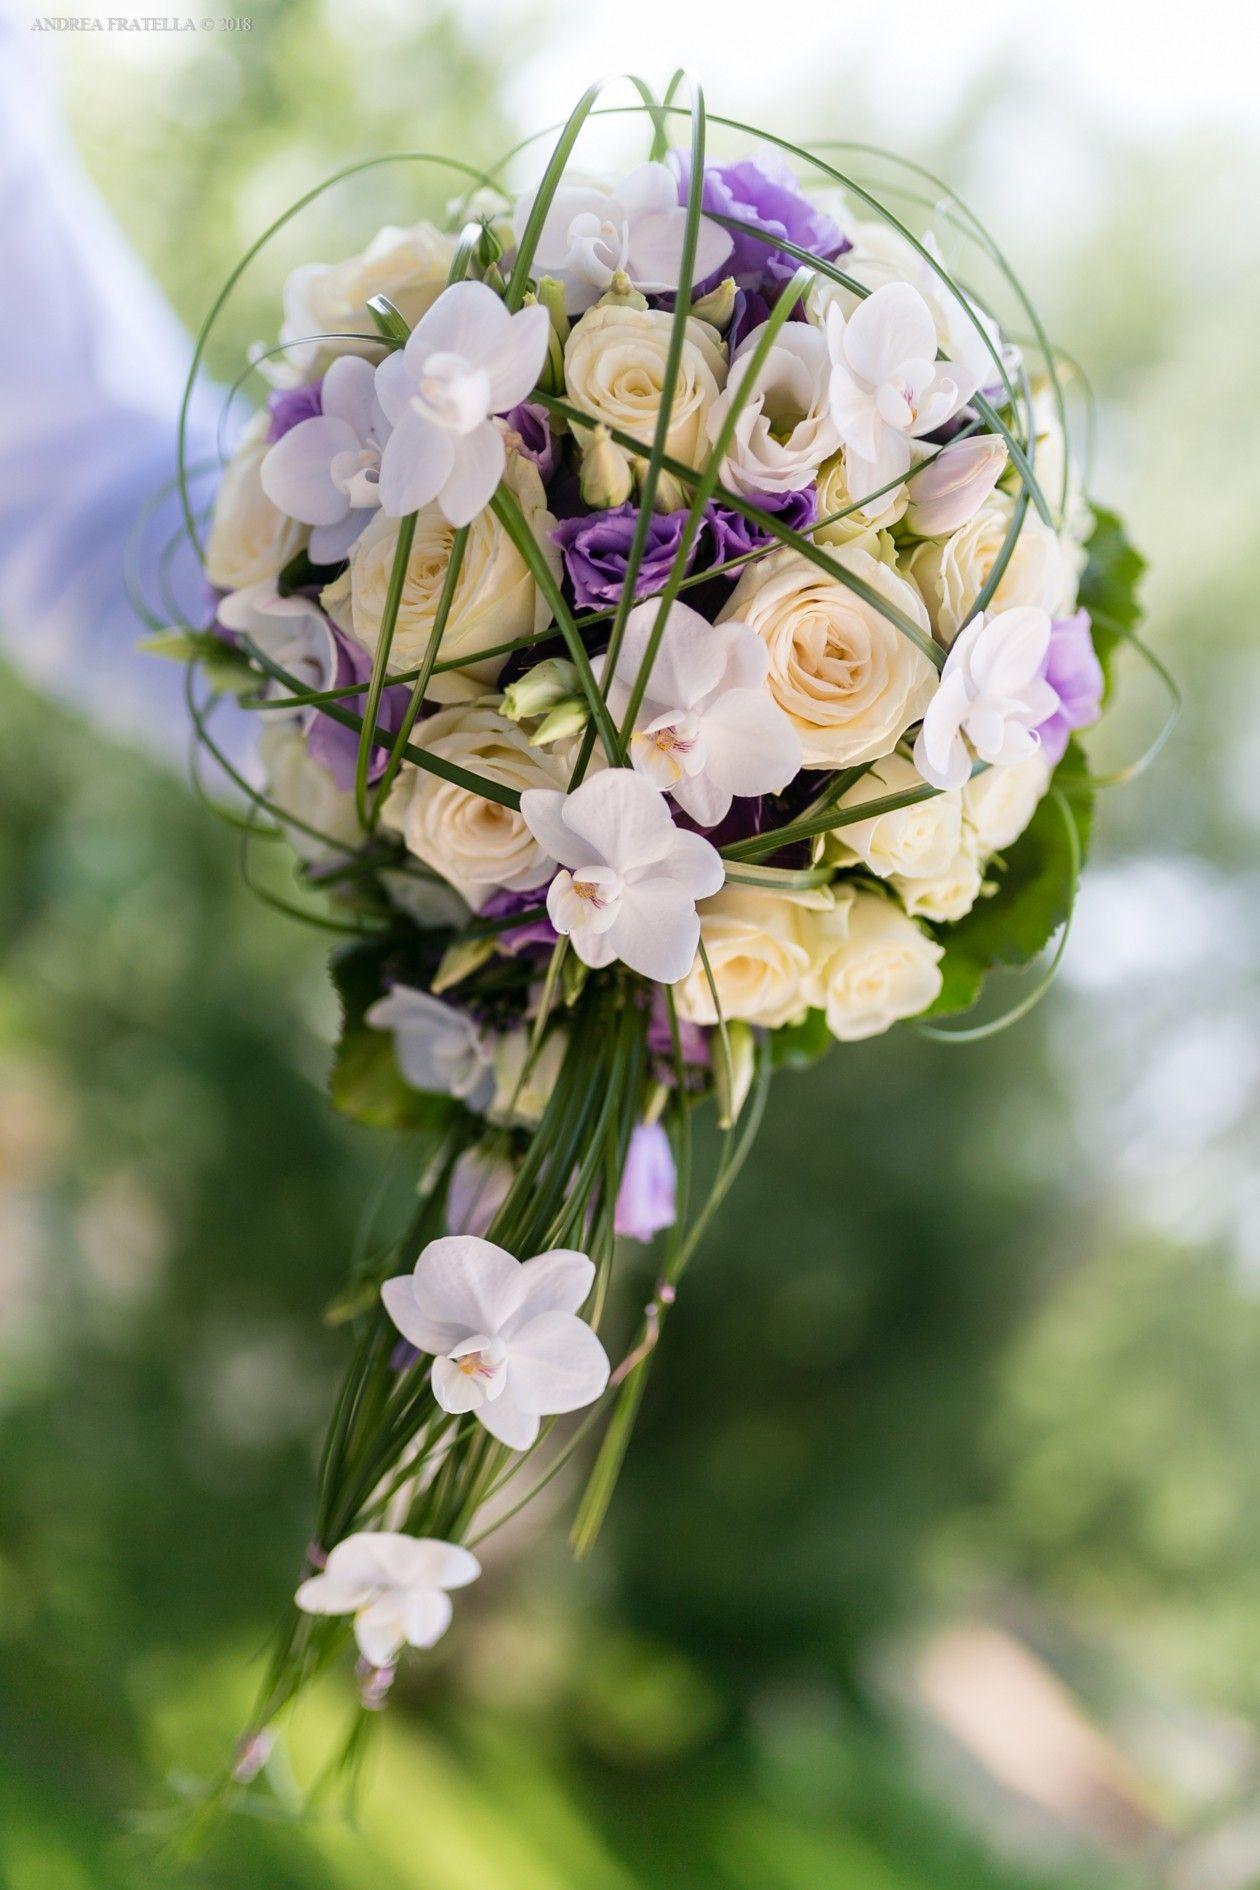 Bouquet Sposa Lilla E Bianco.Bouquet Sposa Bianco E Lilla Bouquet Lilla E Matrimonio